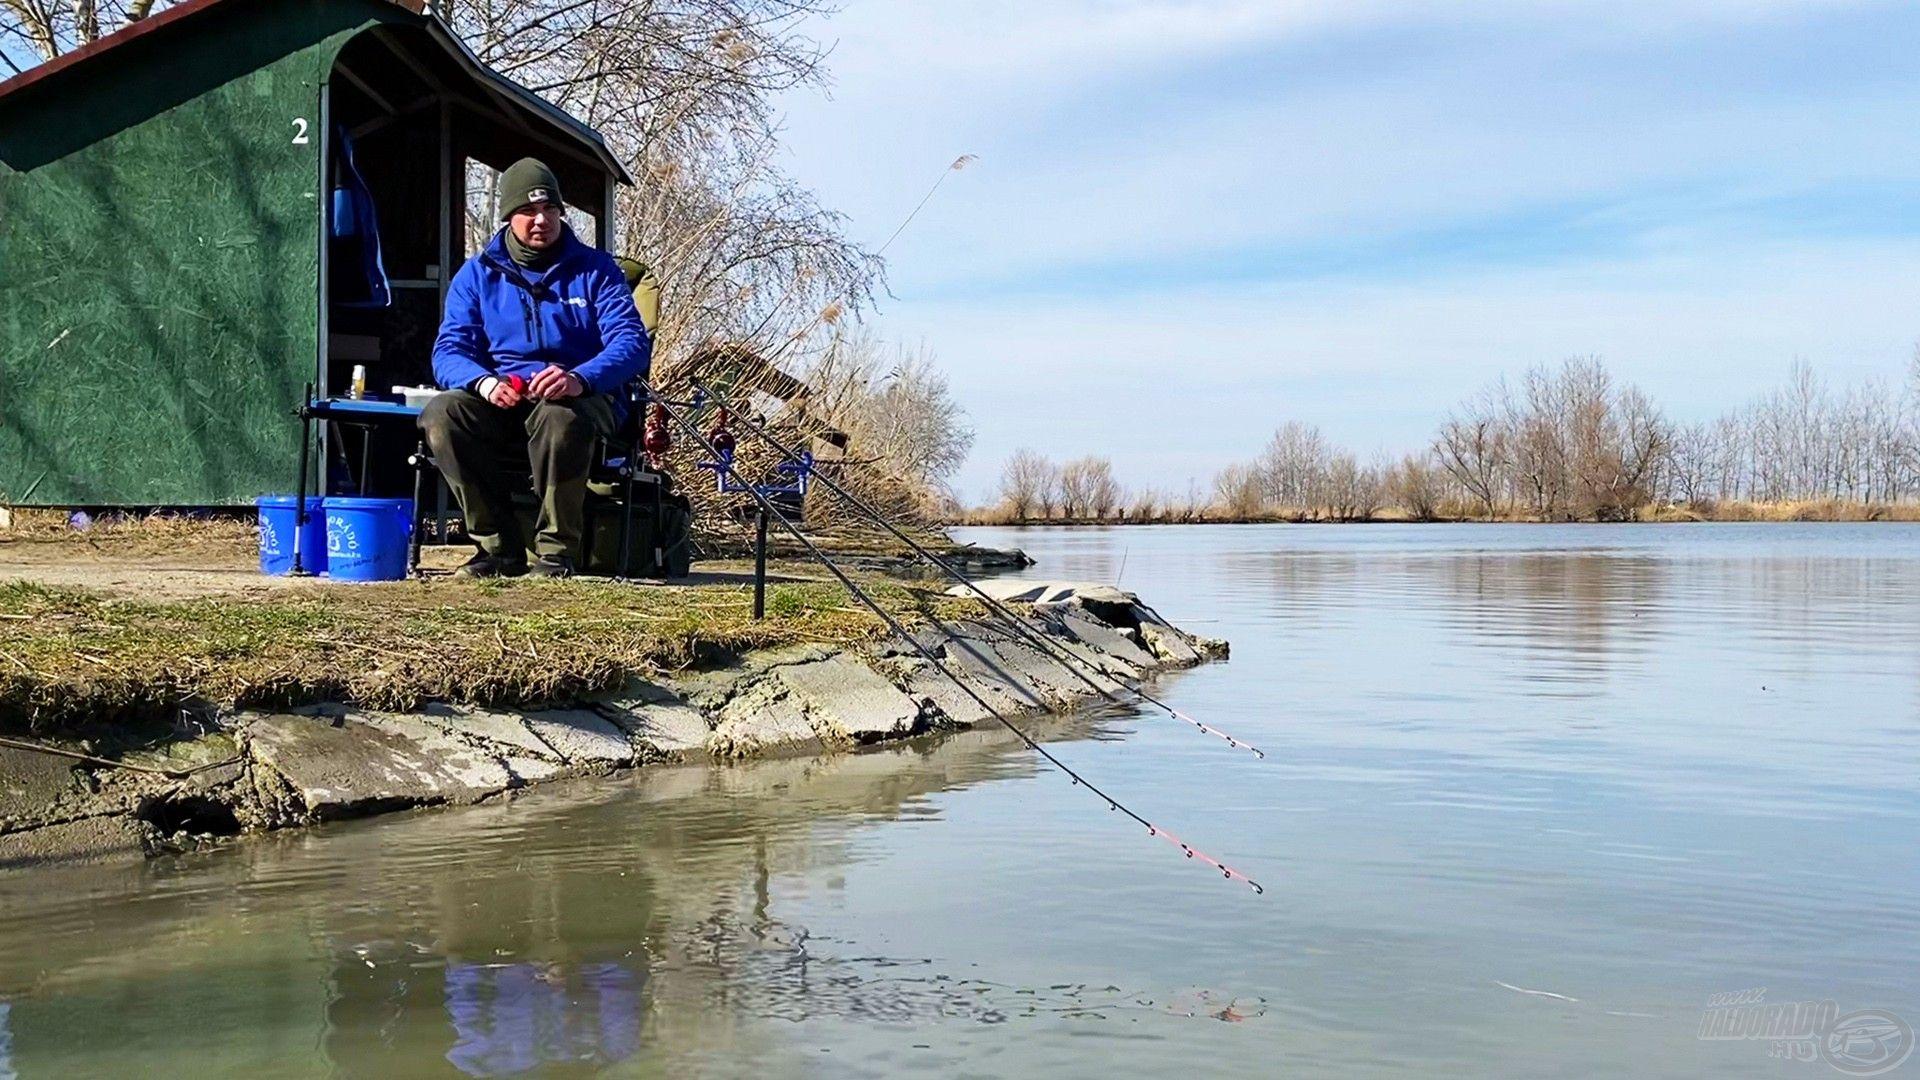 Végre, a vízparton, a botok mögött! Kíváncsian vártam, mit tartogat számomra a Préri Bojlis-tó?!